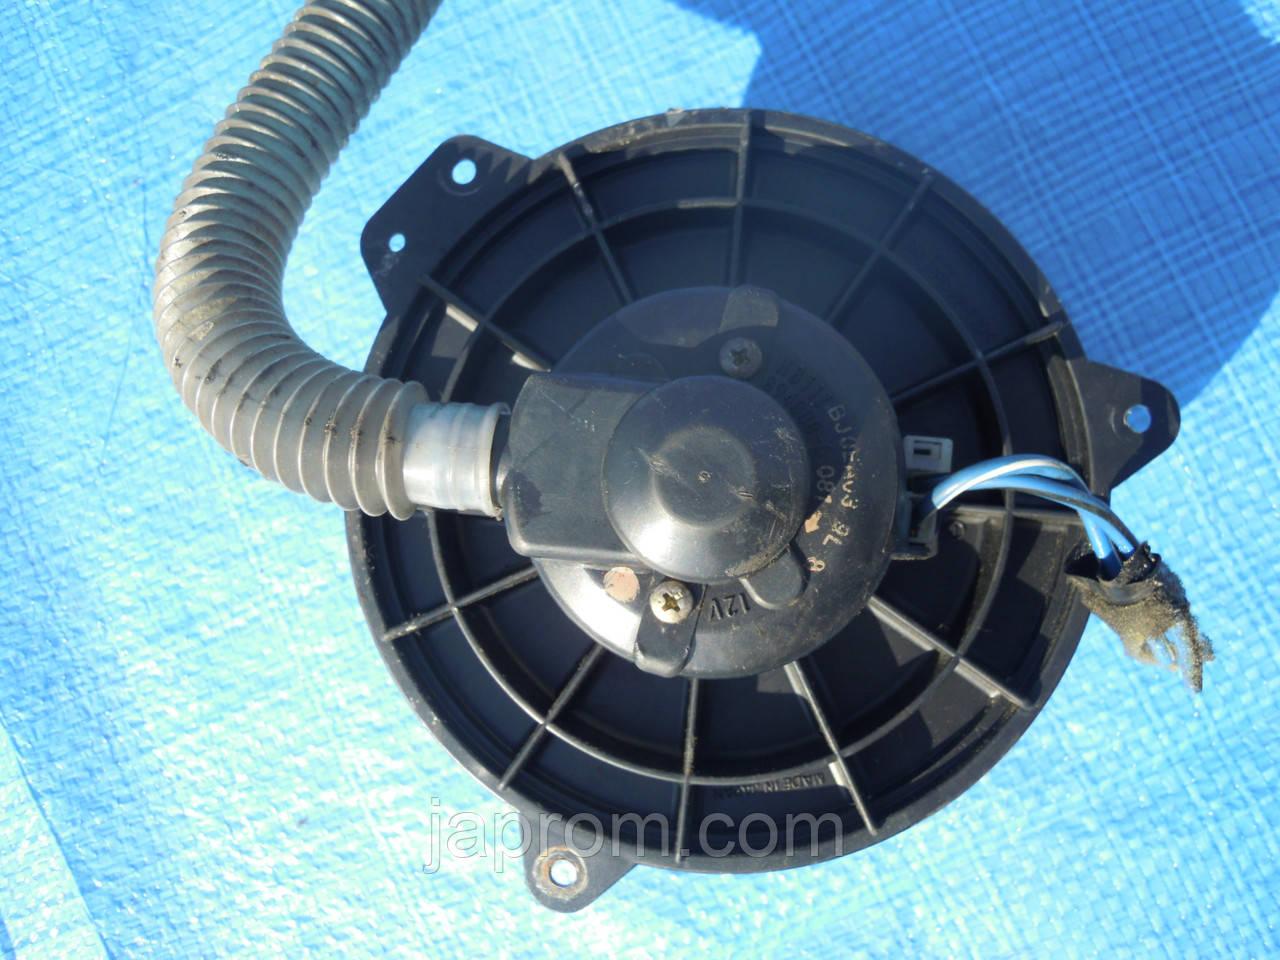 Моторчик печки мотор вентилятор печки отопителя Mazda 323 BJ 1997-2000 HB111 BJ0E